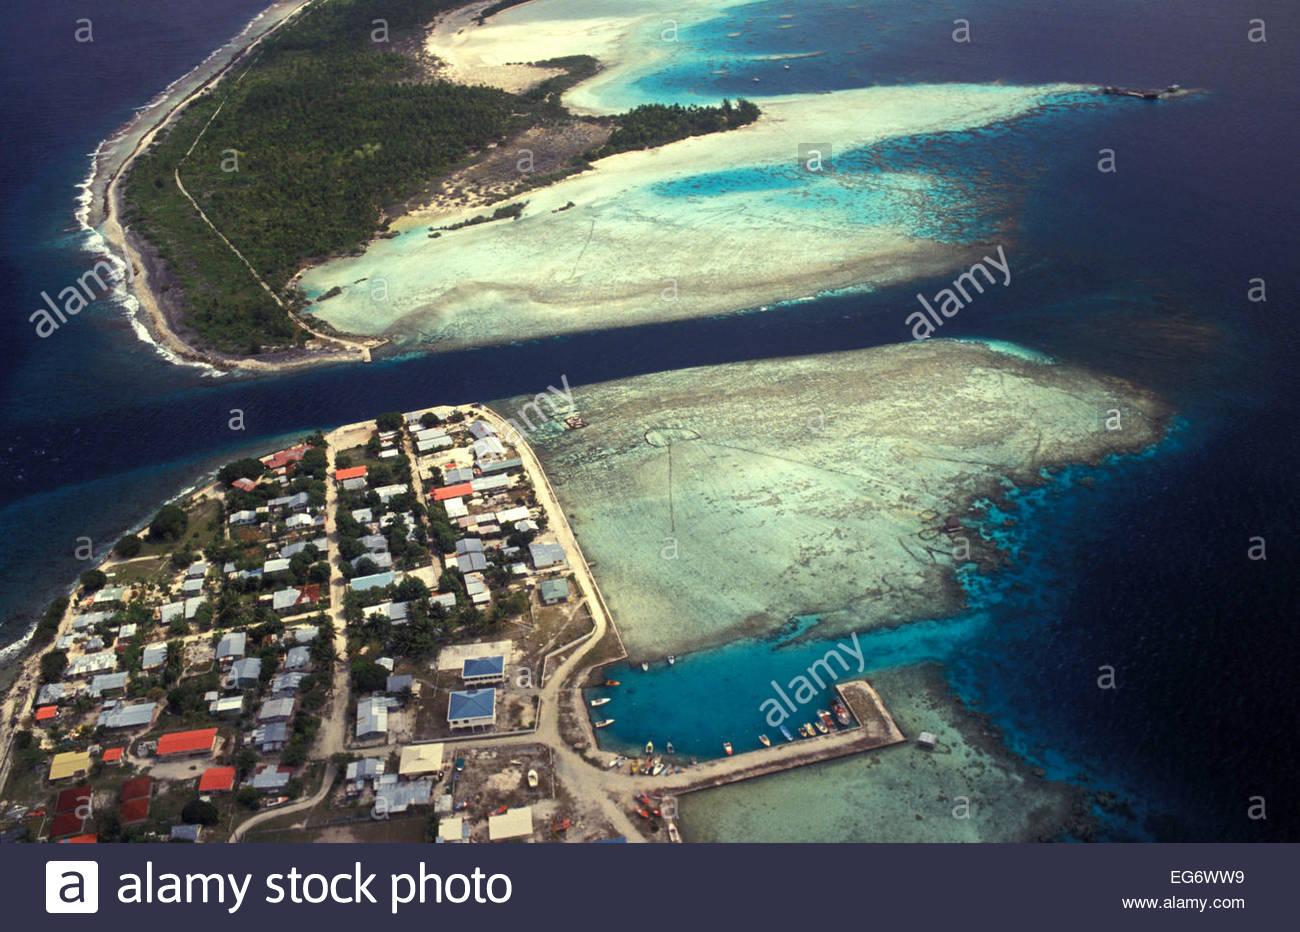 Manihi, French Polynesia - Stock Image